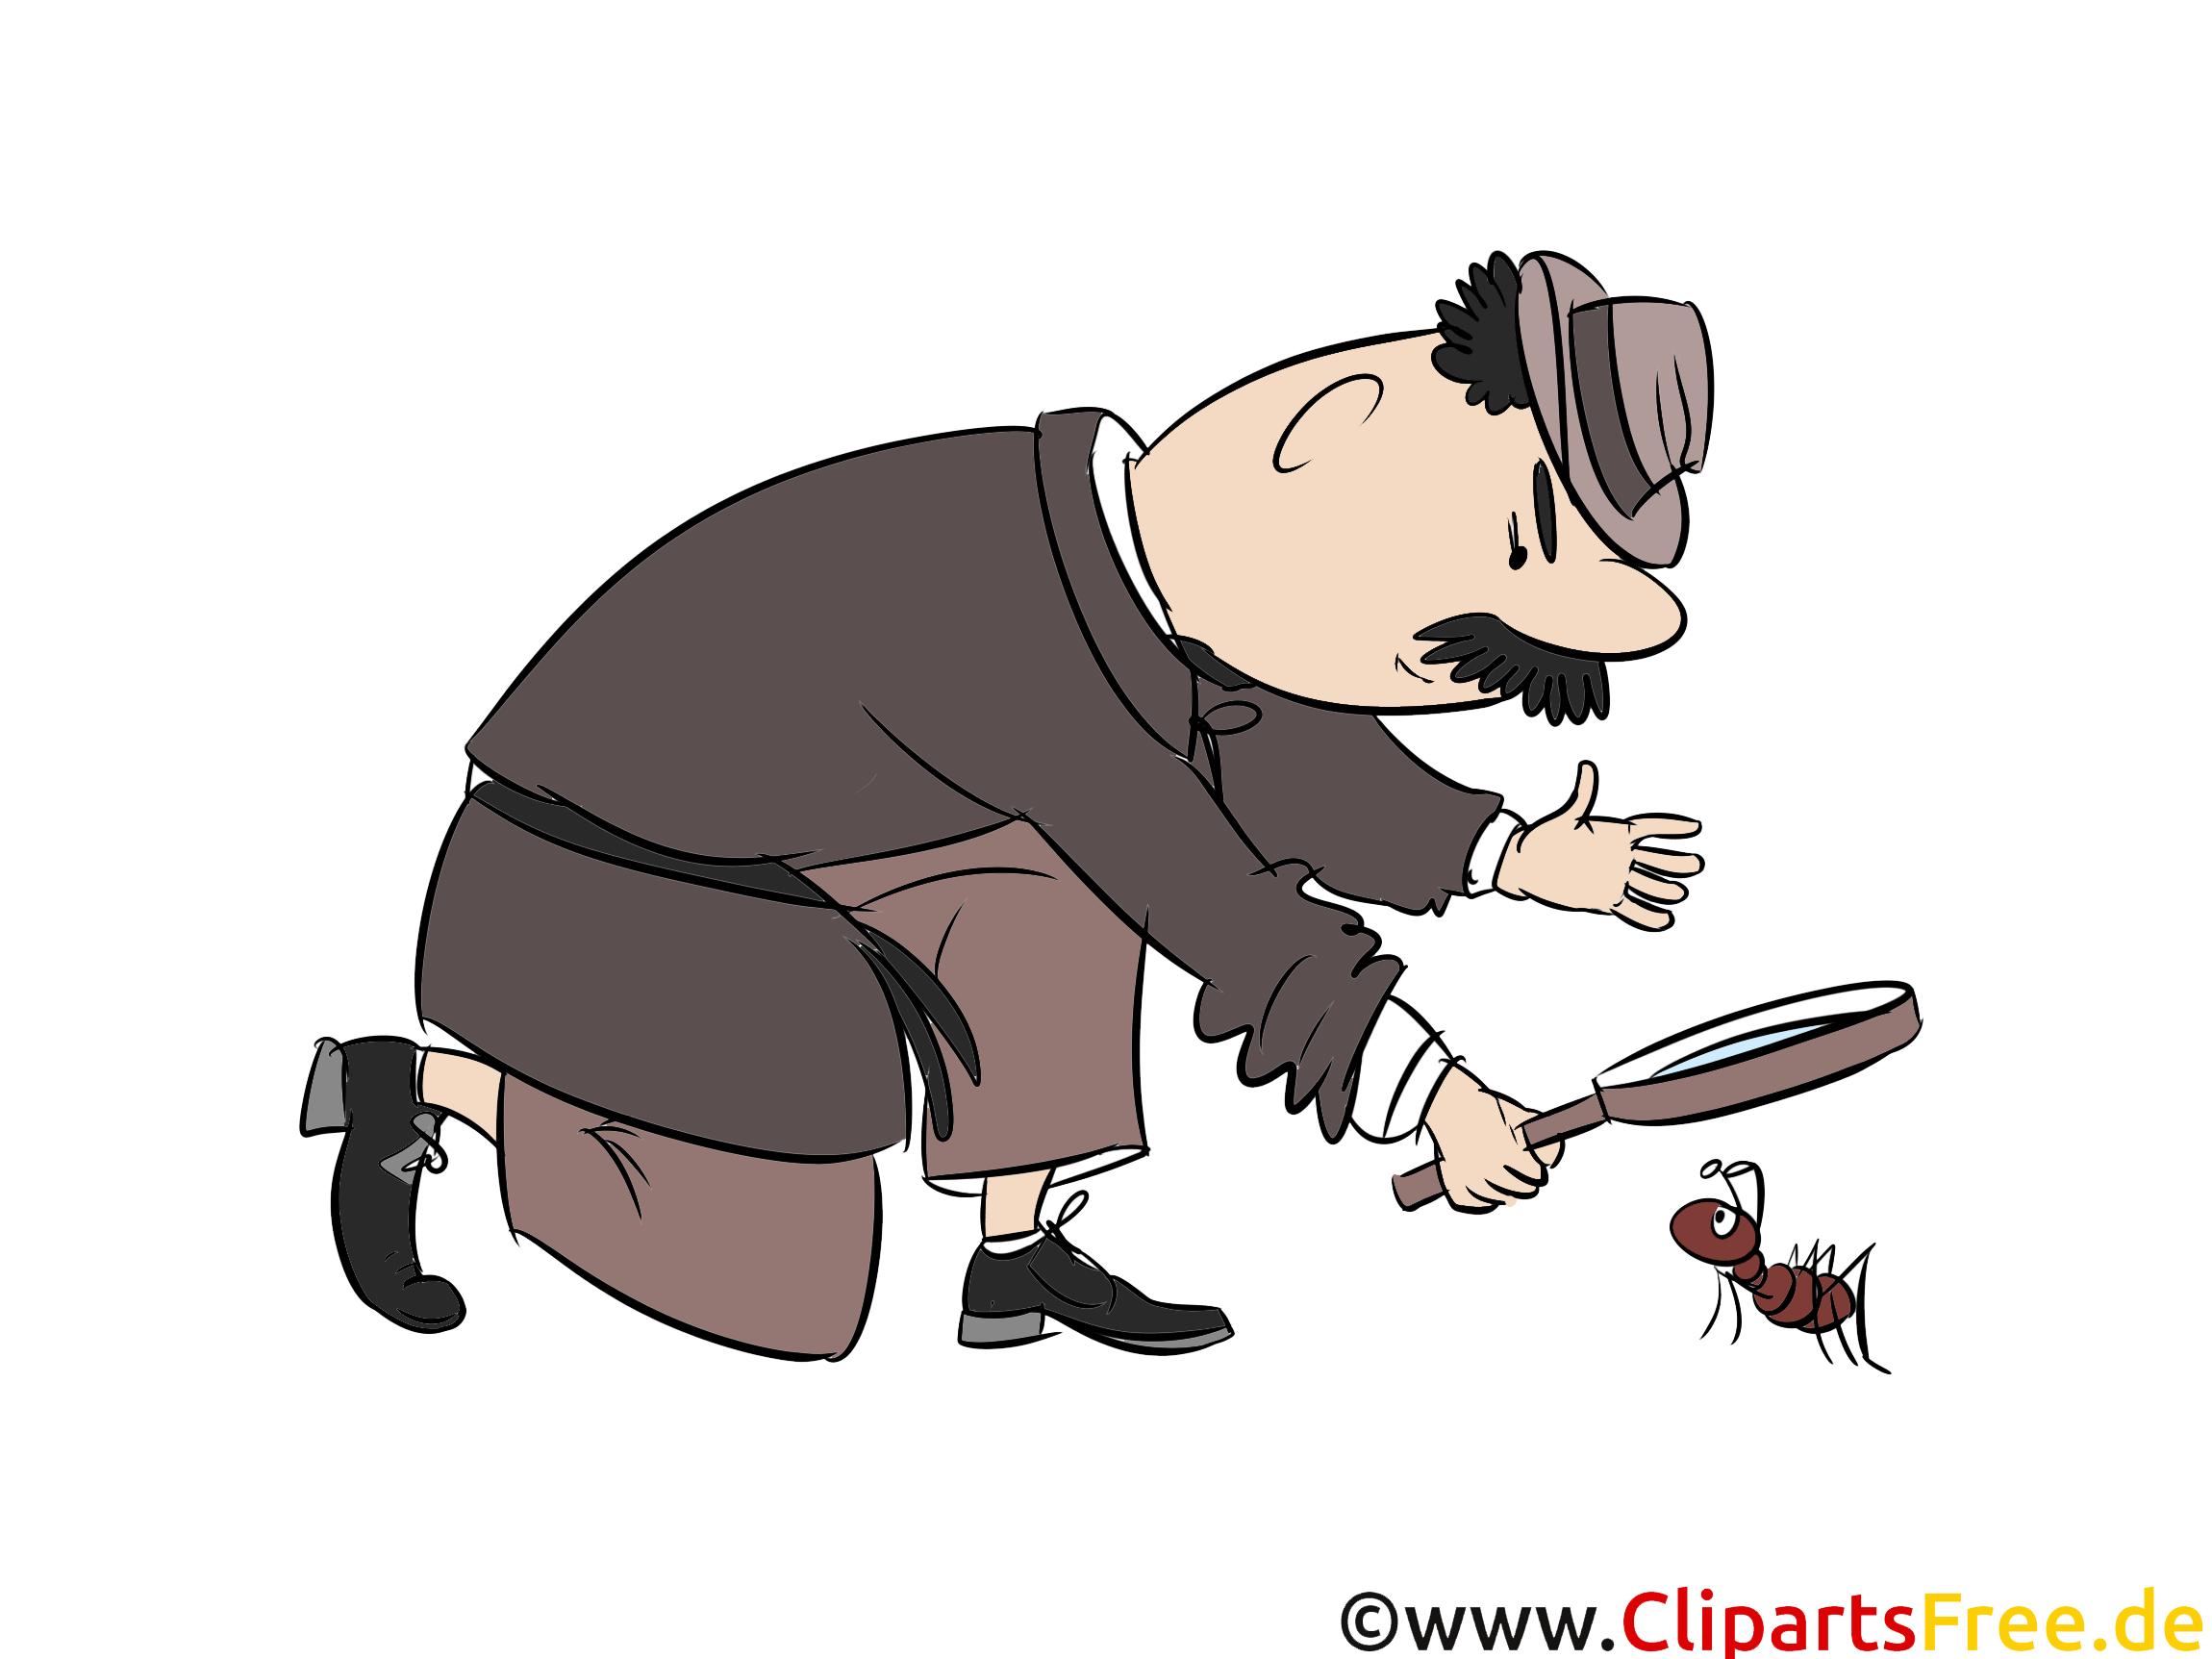 漫画探偵とアリ - 無料イラスト職業